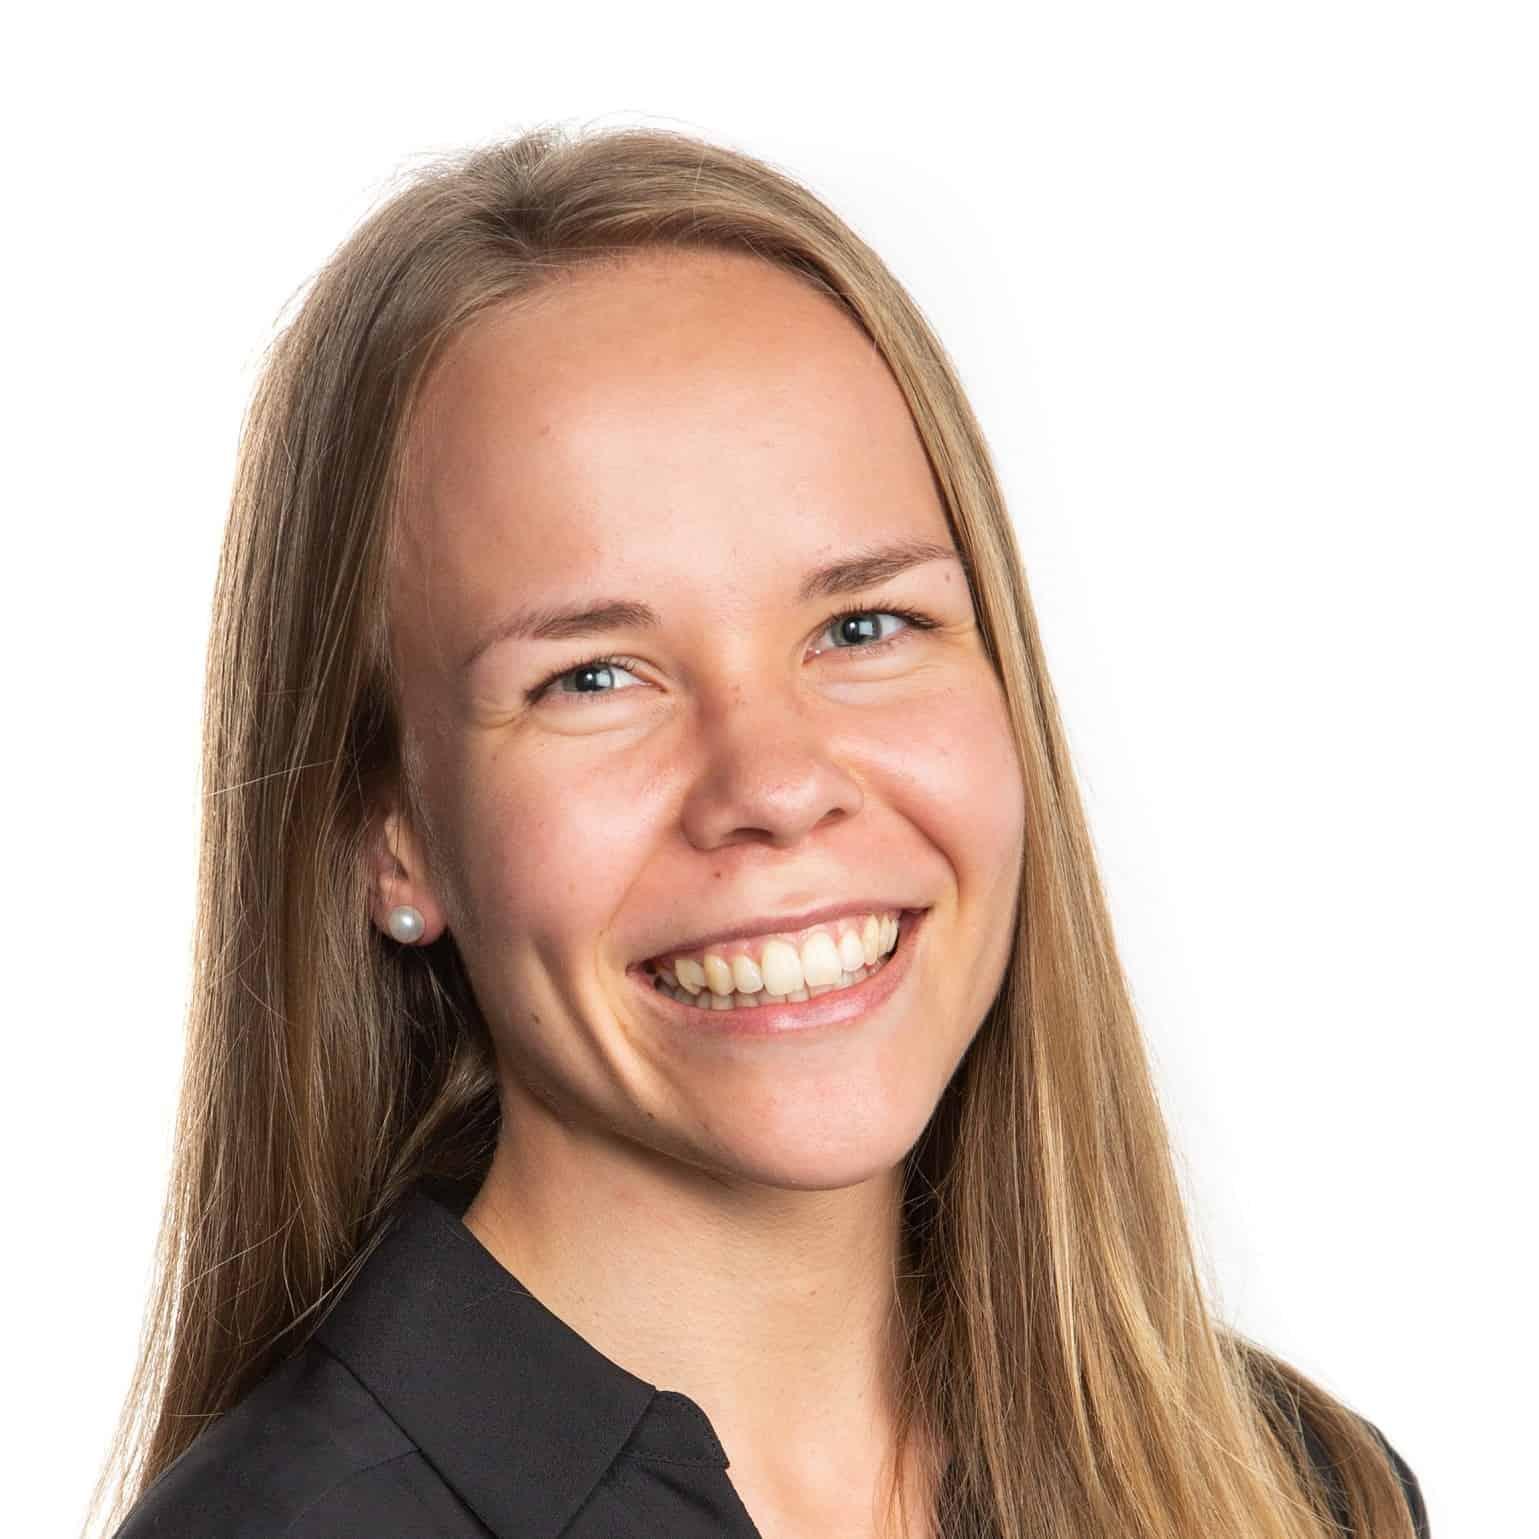 Suomen Seniorihoiva Anni Siintola